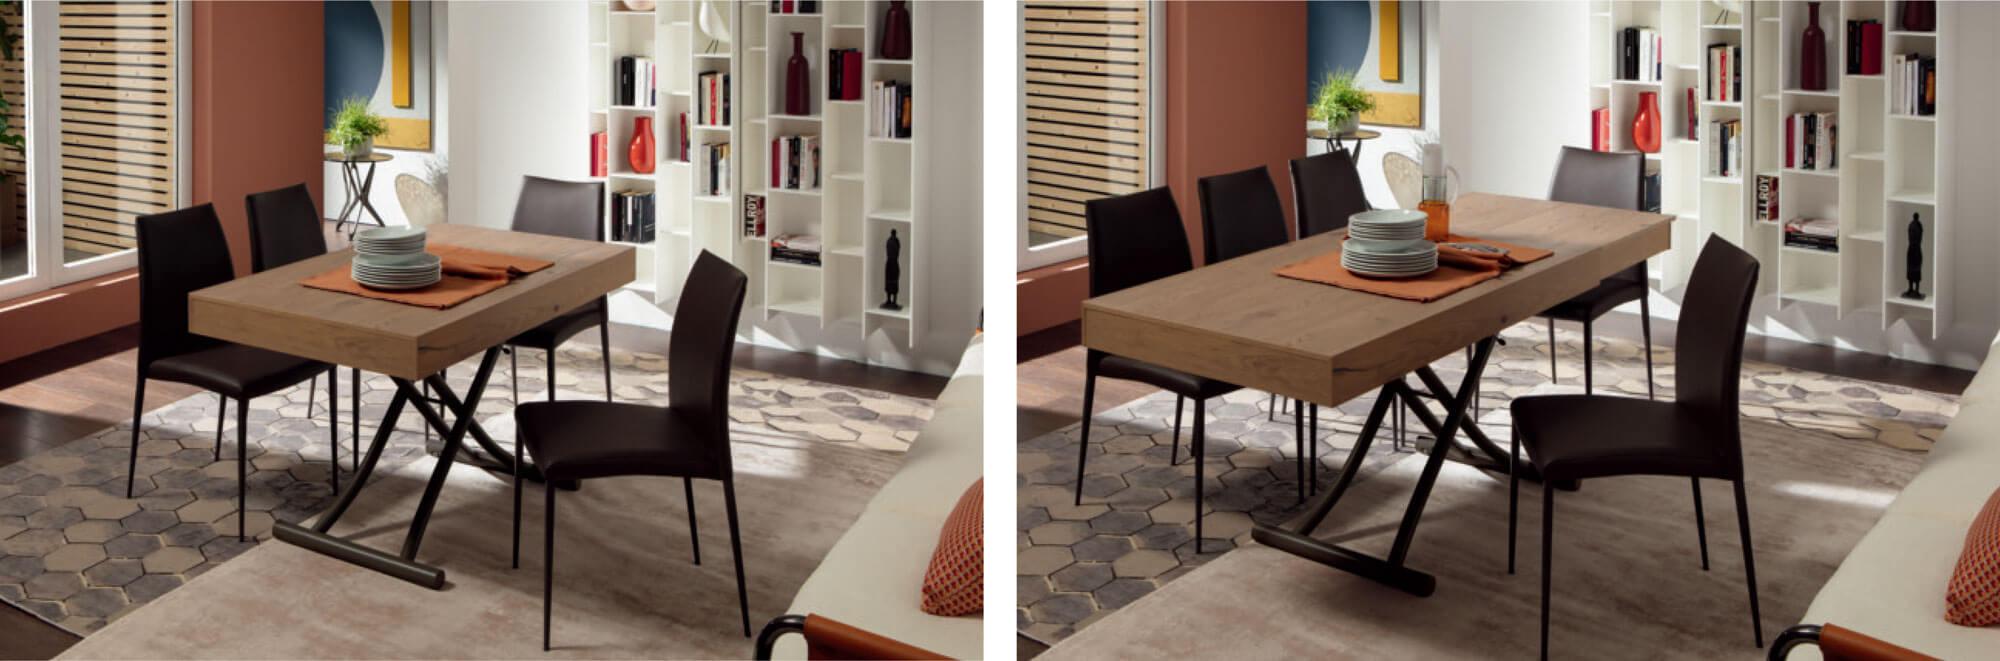 進口餐桌椅推薦 OZZIO-NEWOOD/NEXUS餐桌椅推薦